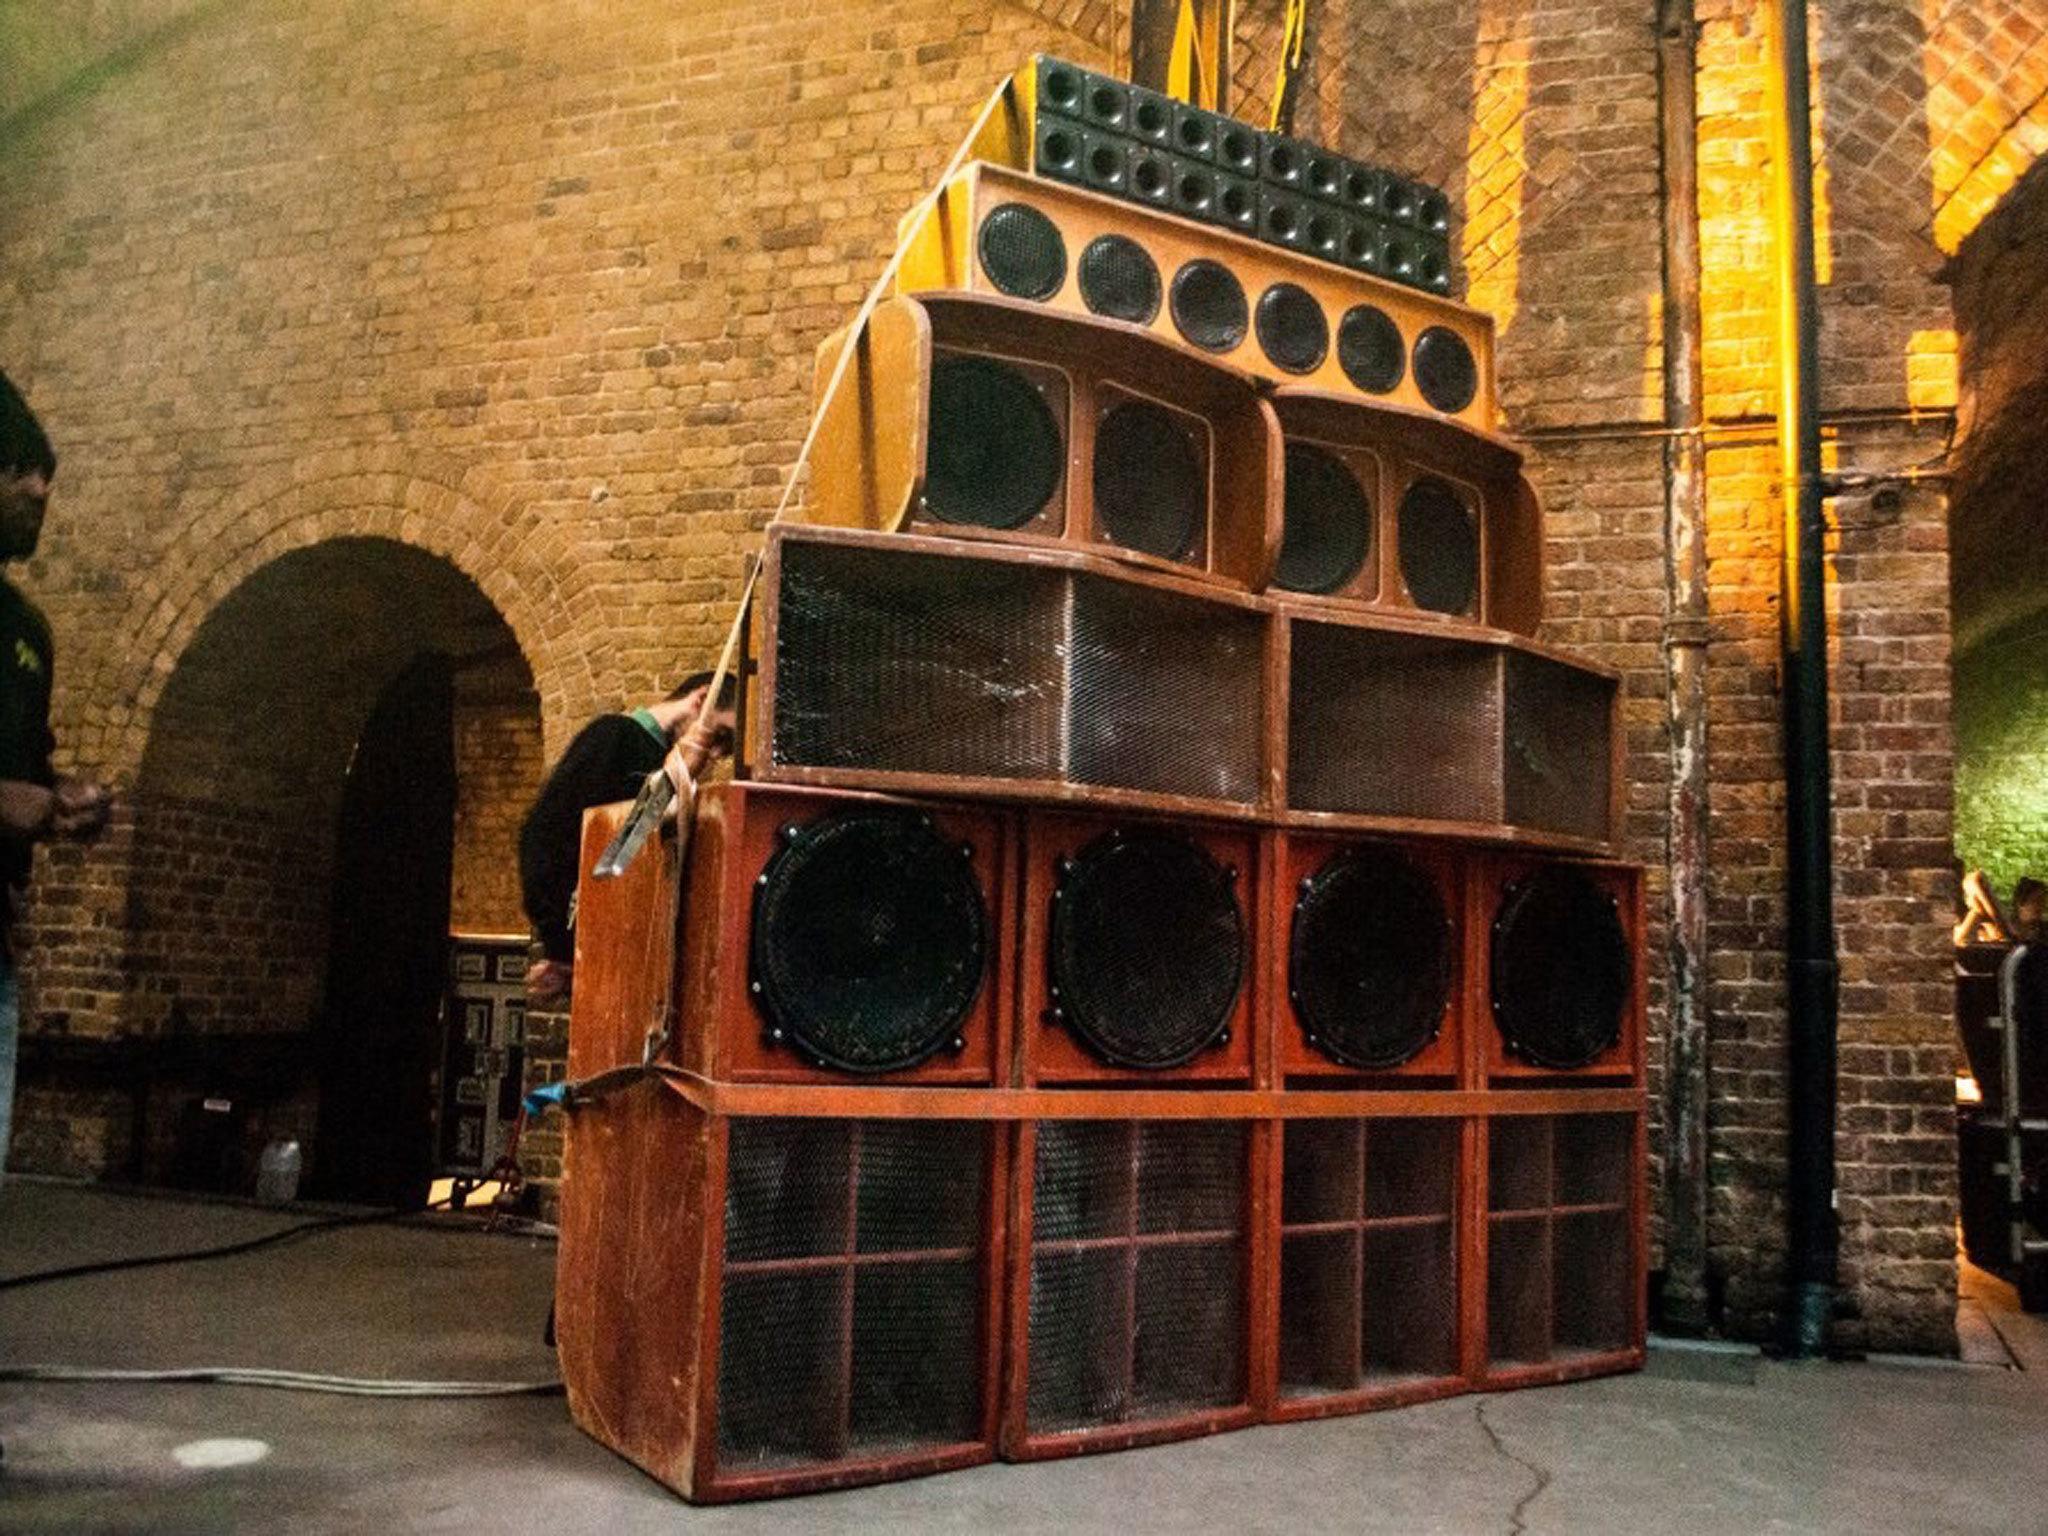 Channel One Soundsystem celebrate 60 years of UK soundsystem culture